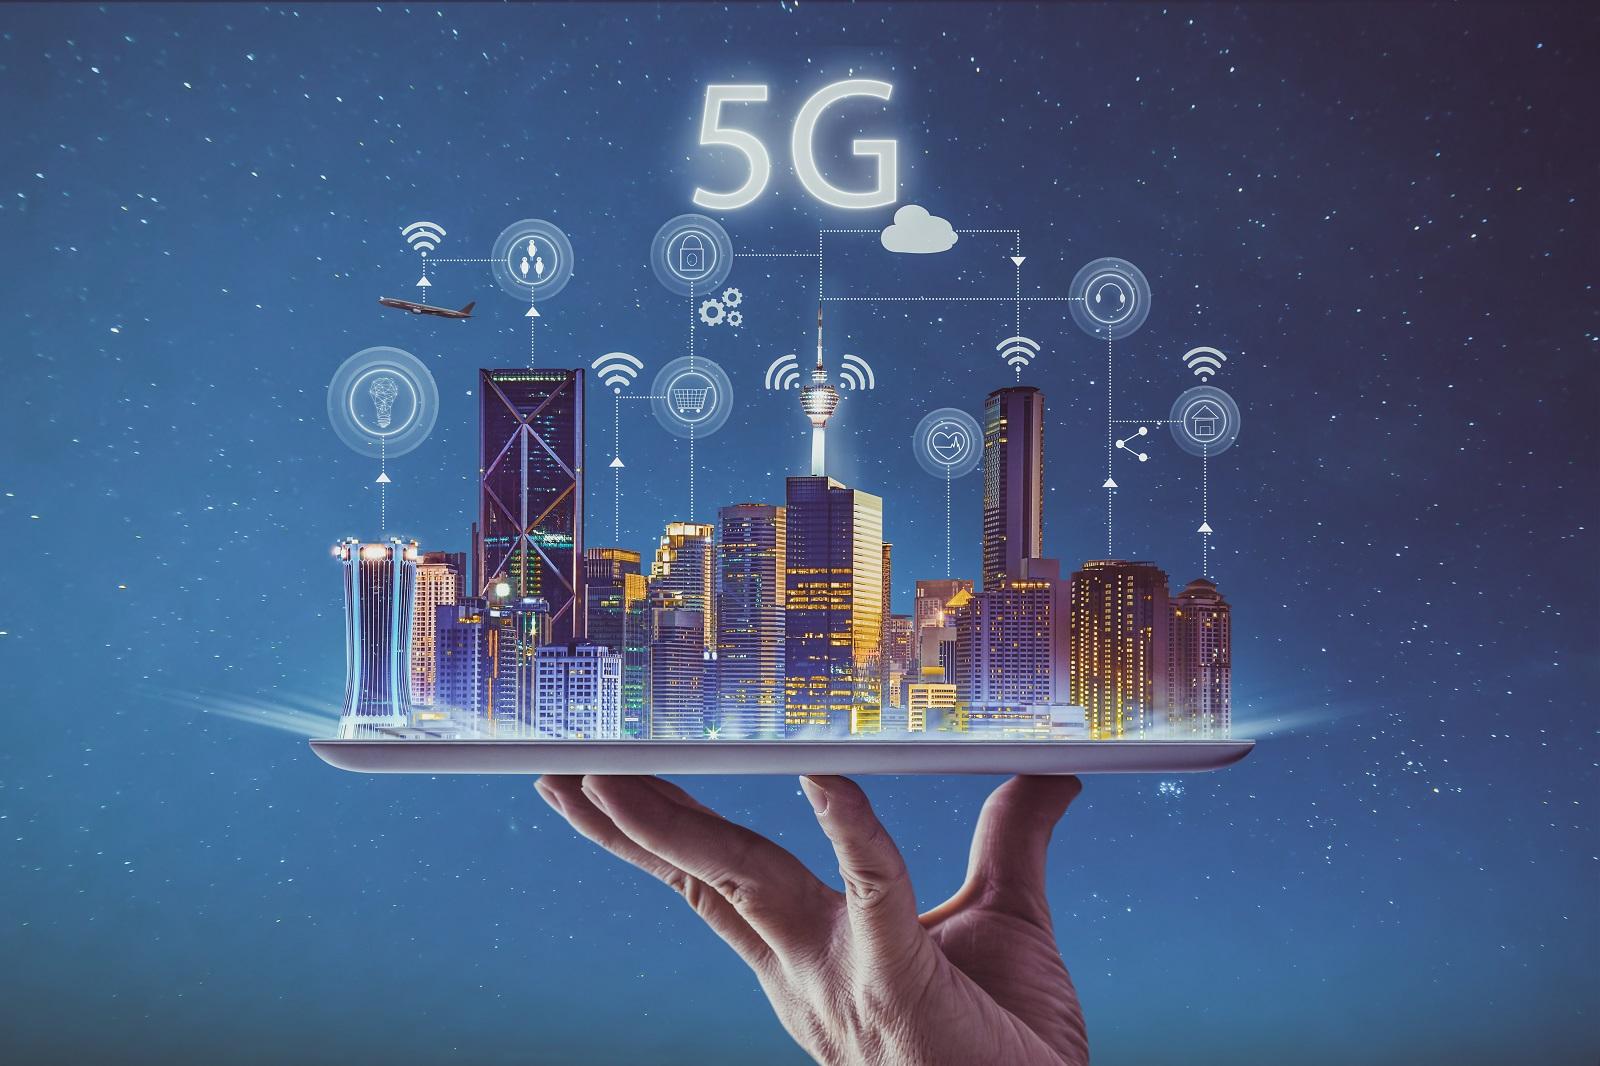 Компания «Самсунг» купила американского провайдера сетевых услуг ради расширения бизнеса в области 5G в США